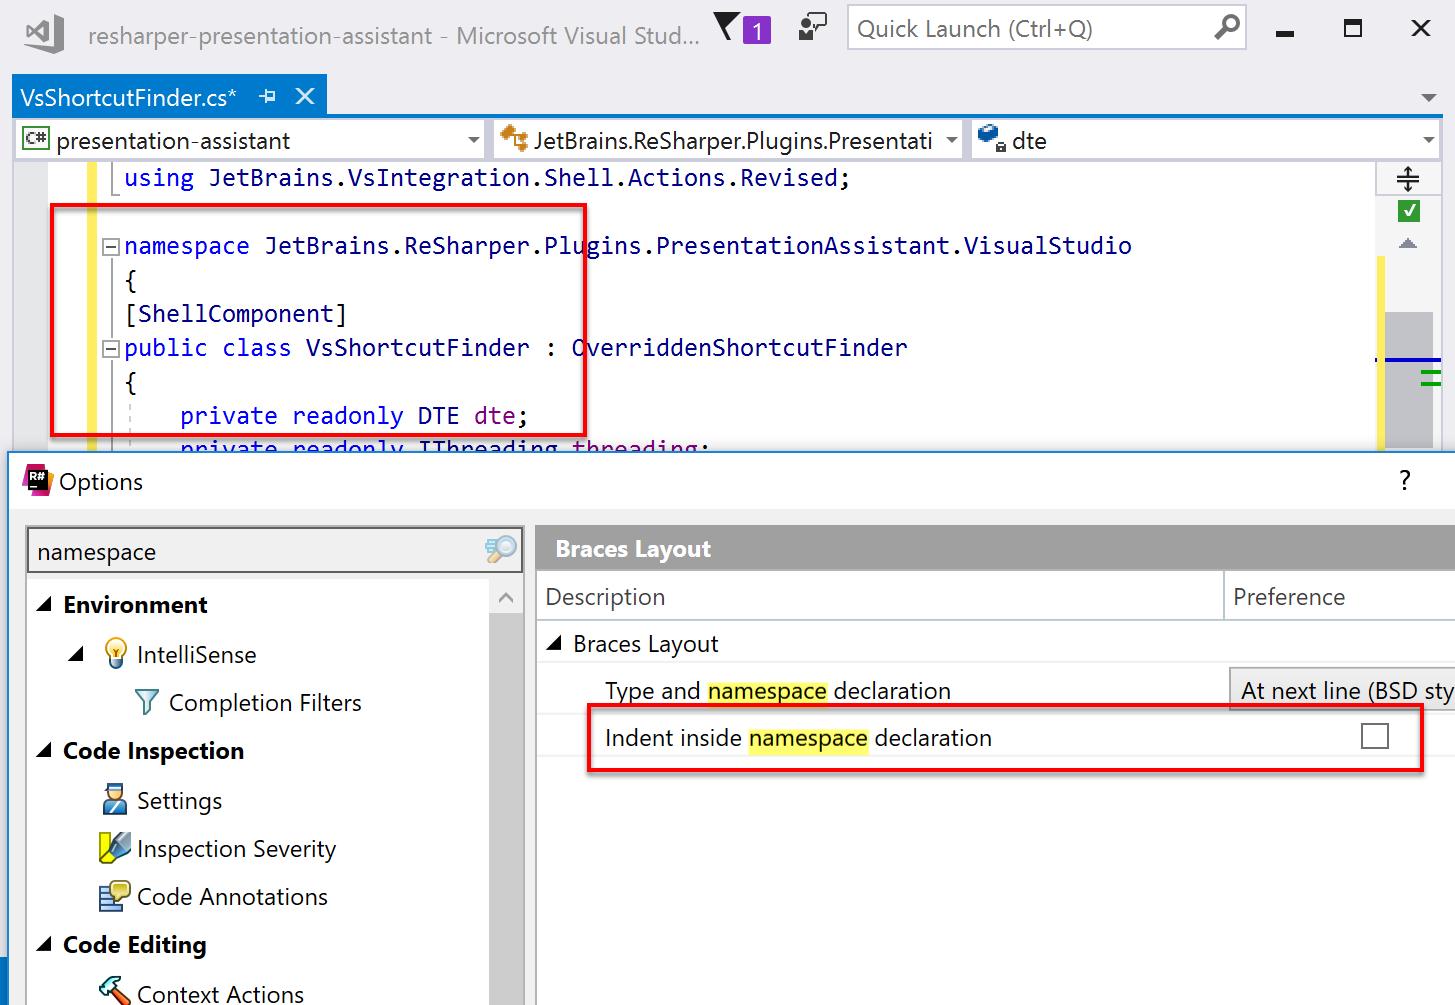 No indentation for namespace blocks